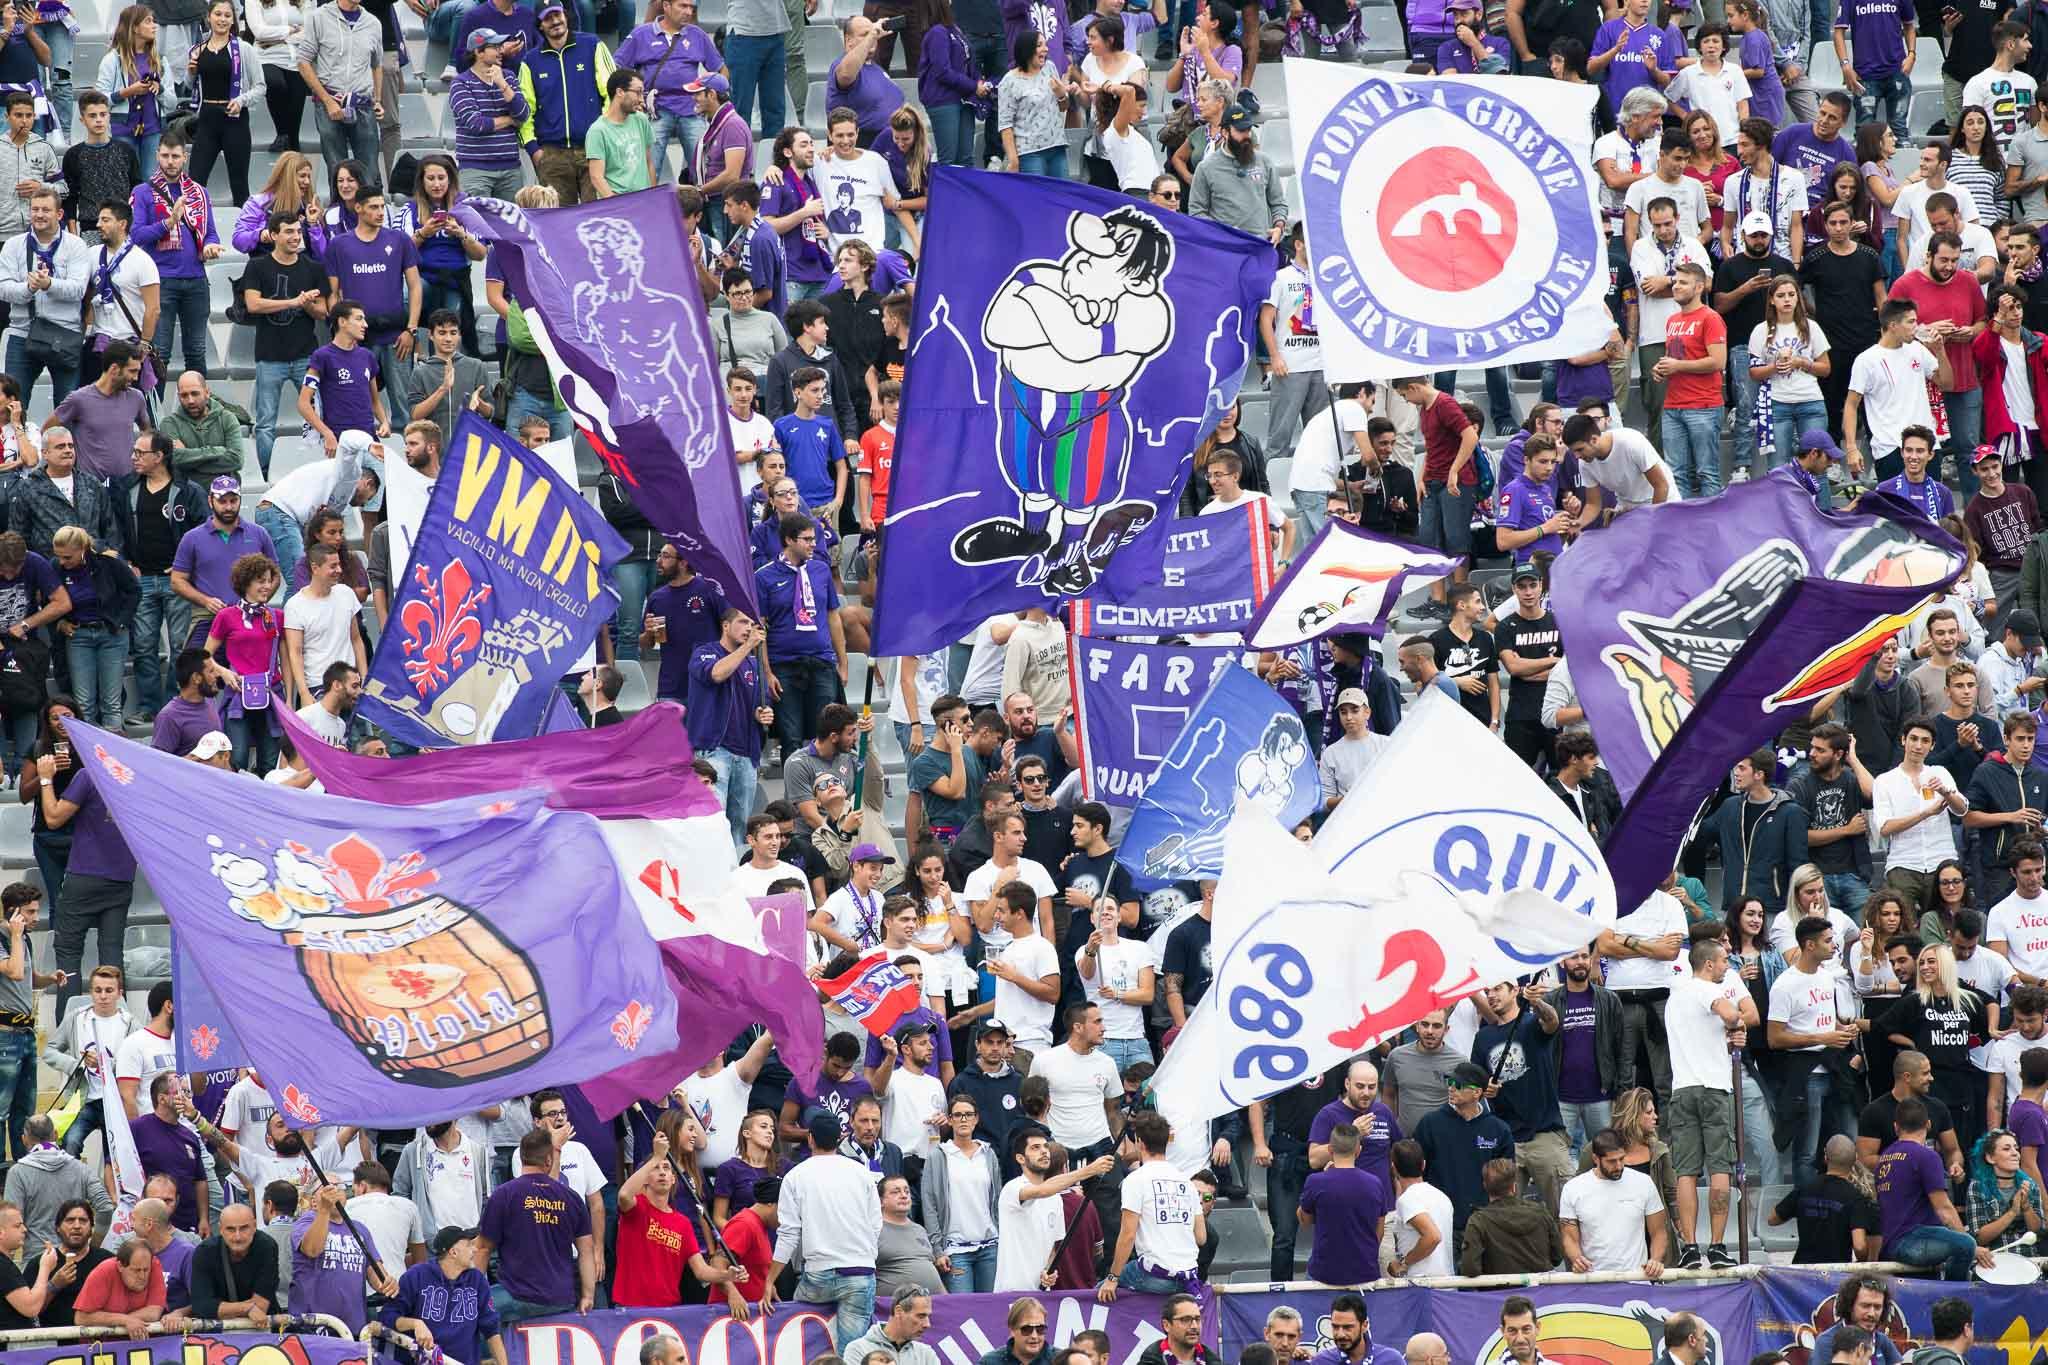 Corriere dello Sport, la carica dei 750 tifosi viola a Verona per sostenere la Fiorentina